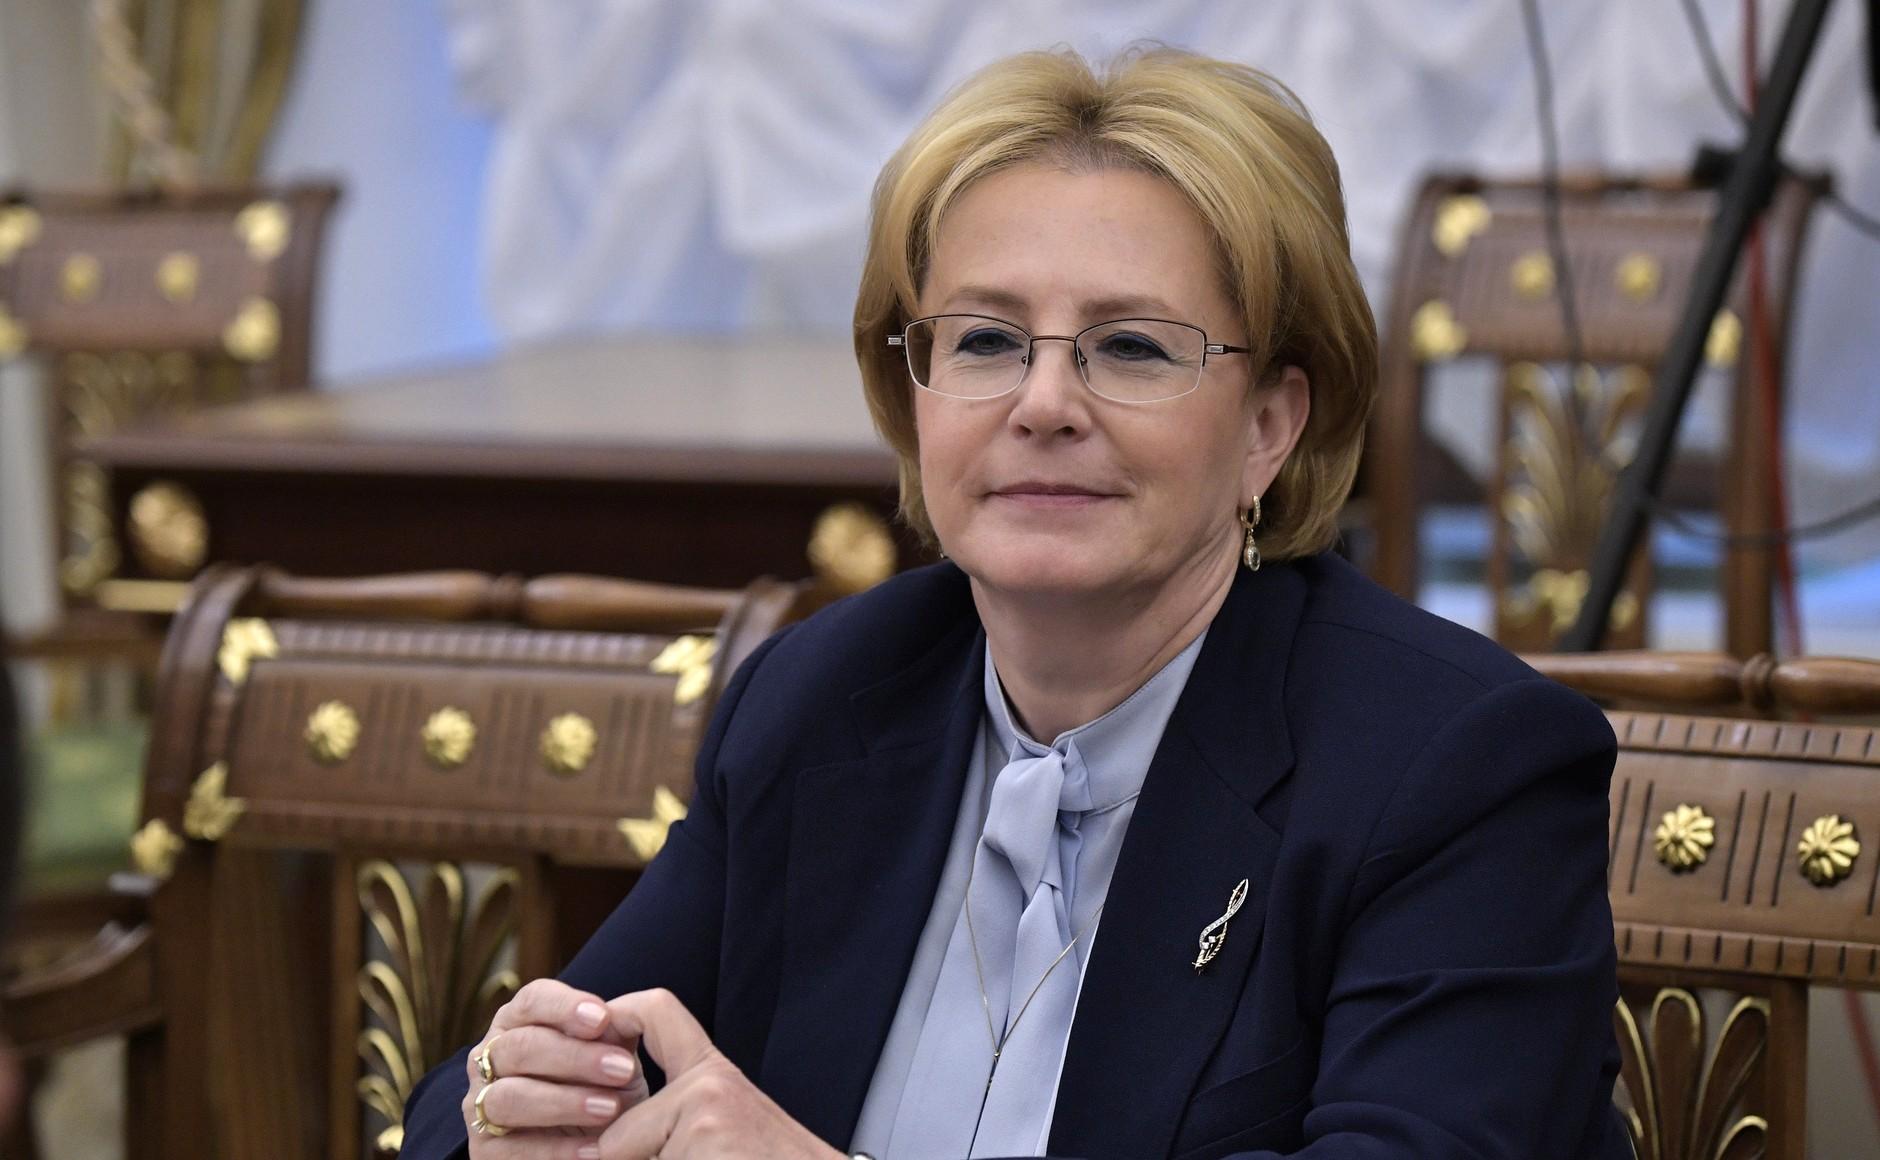 Руководитель Министерства здравоохранения поручила проверить сообщения осмерти пенсионерки вполиклинике